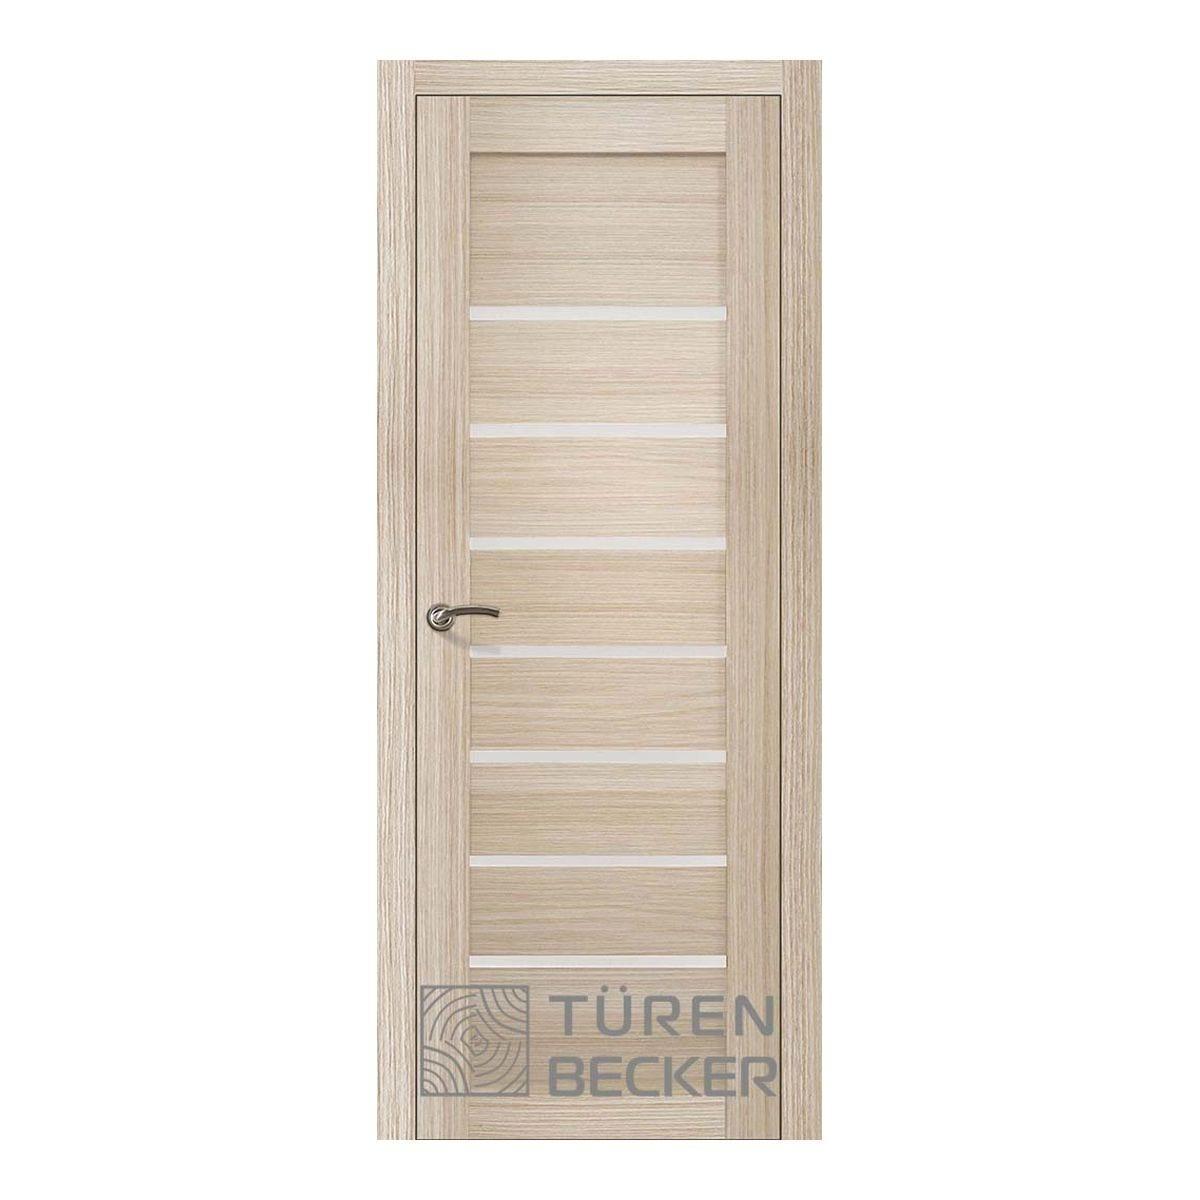 Дверное полотно Turen Becker Мета 700*2000мм ПО Life (7 стекол), 12.0.11, цвет Капучино